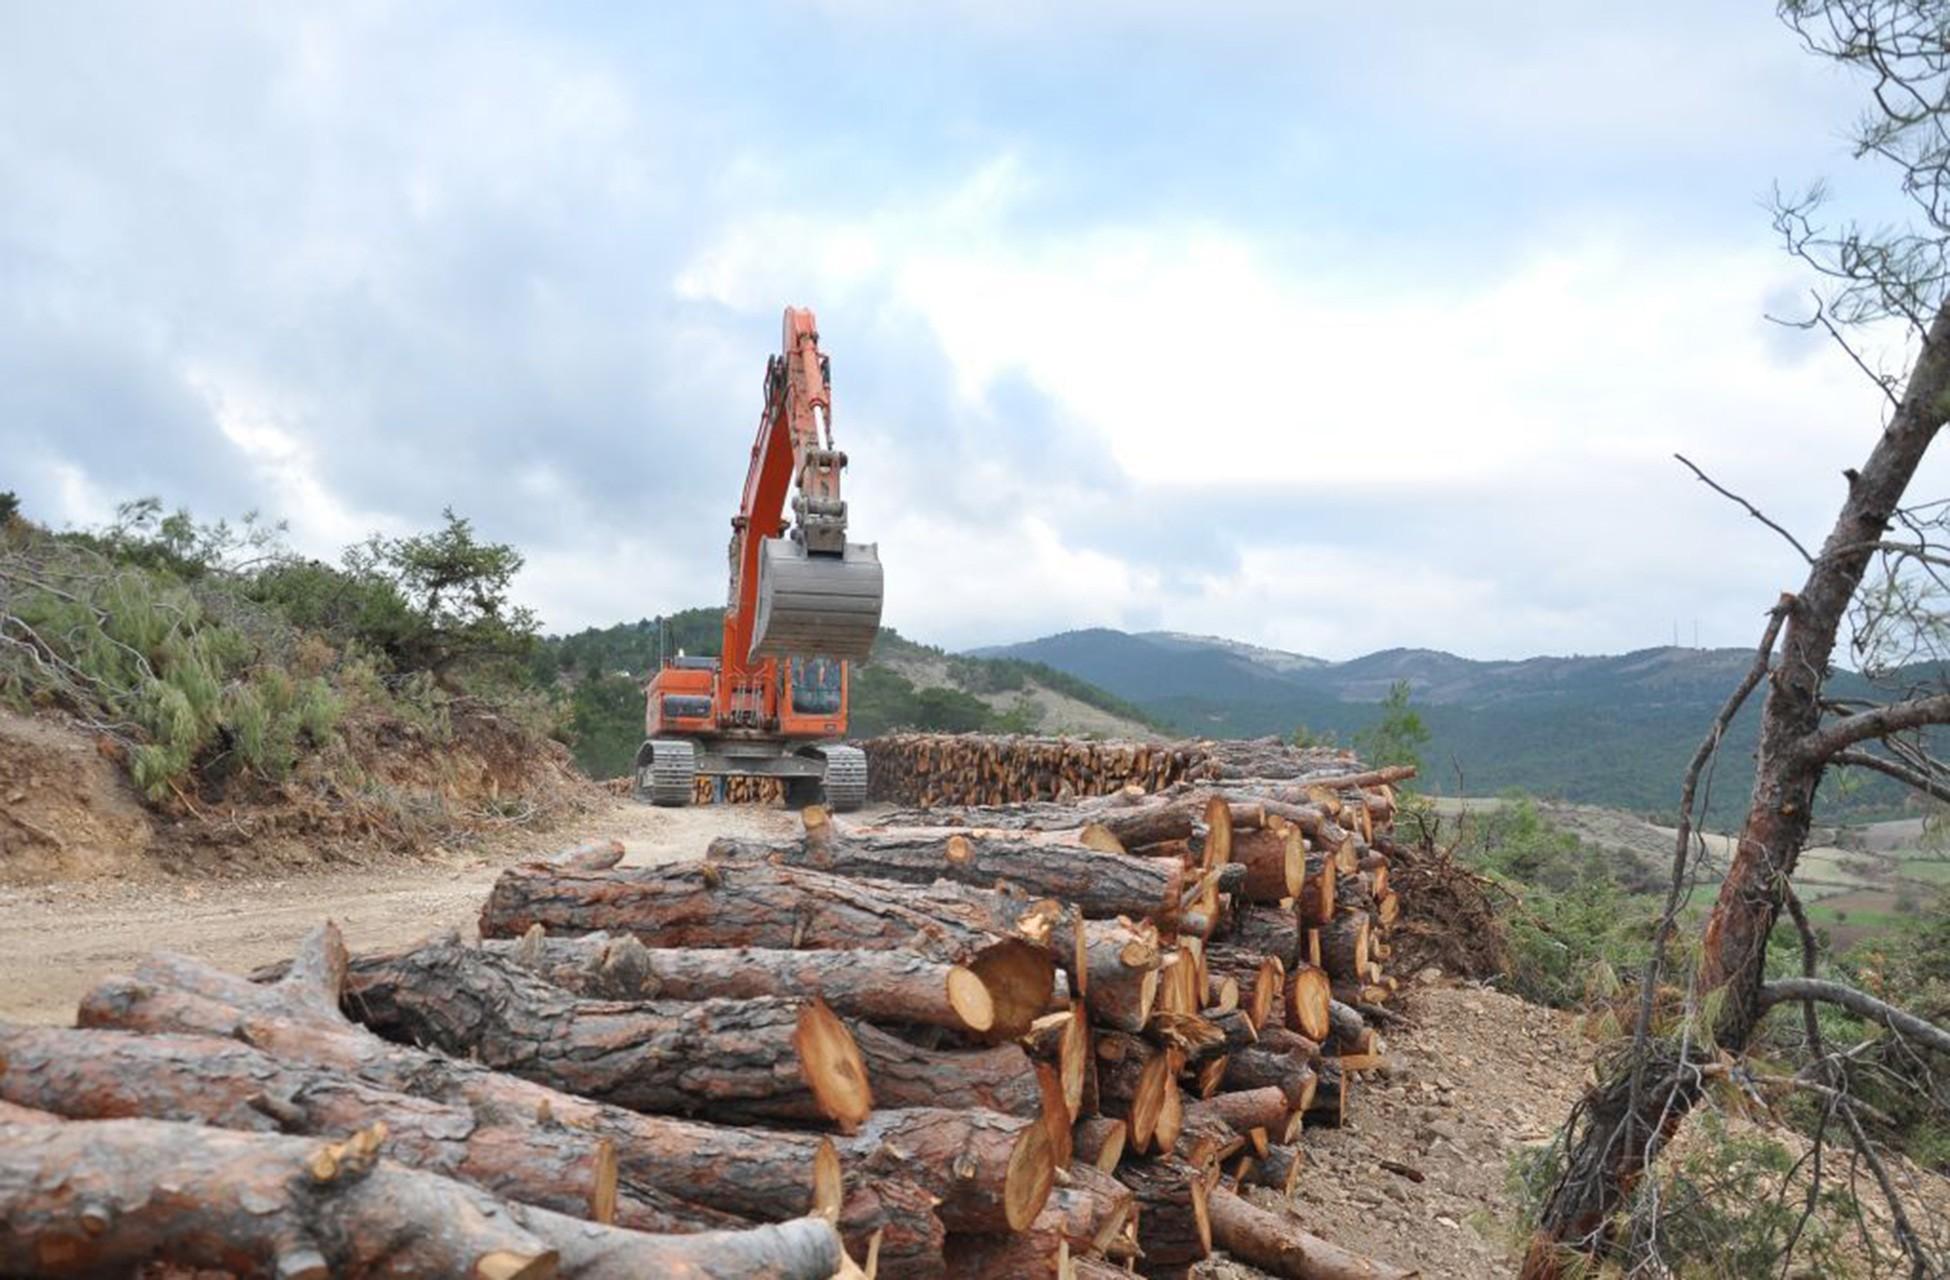 toprak yolda çalışma yapan dozer ve yol kenarında kesilmiş ağaç kütükleri.